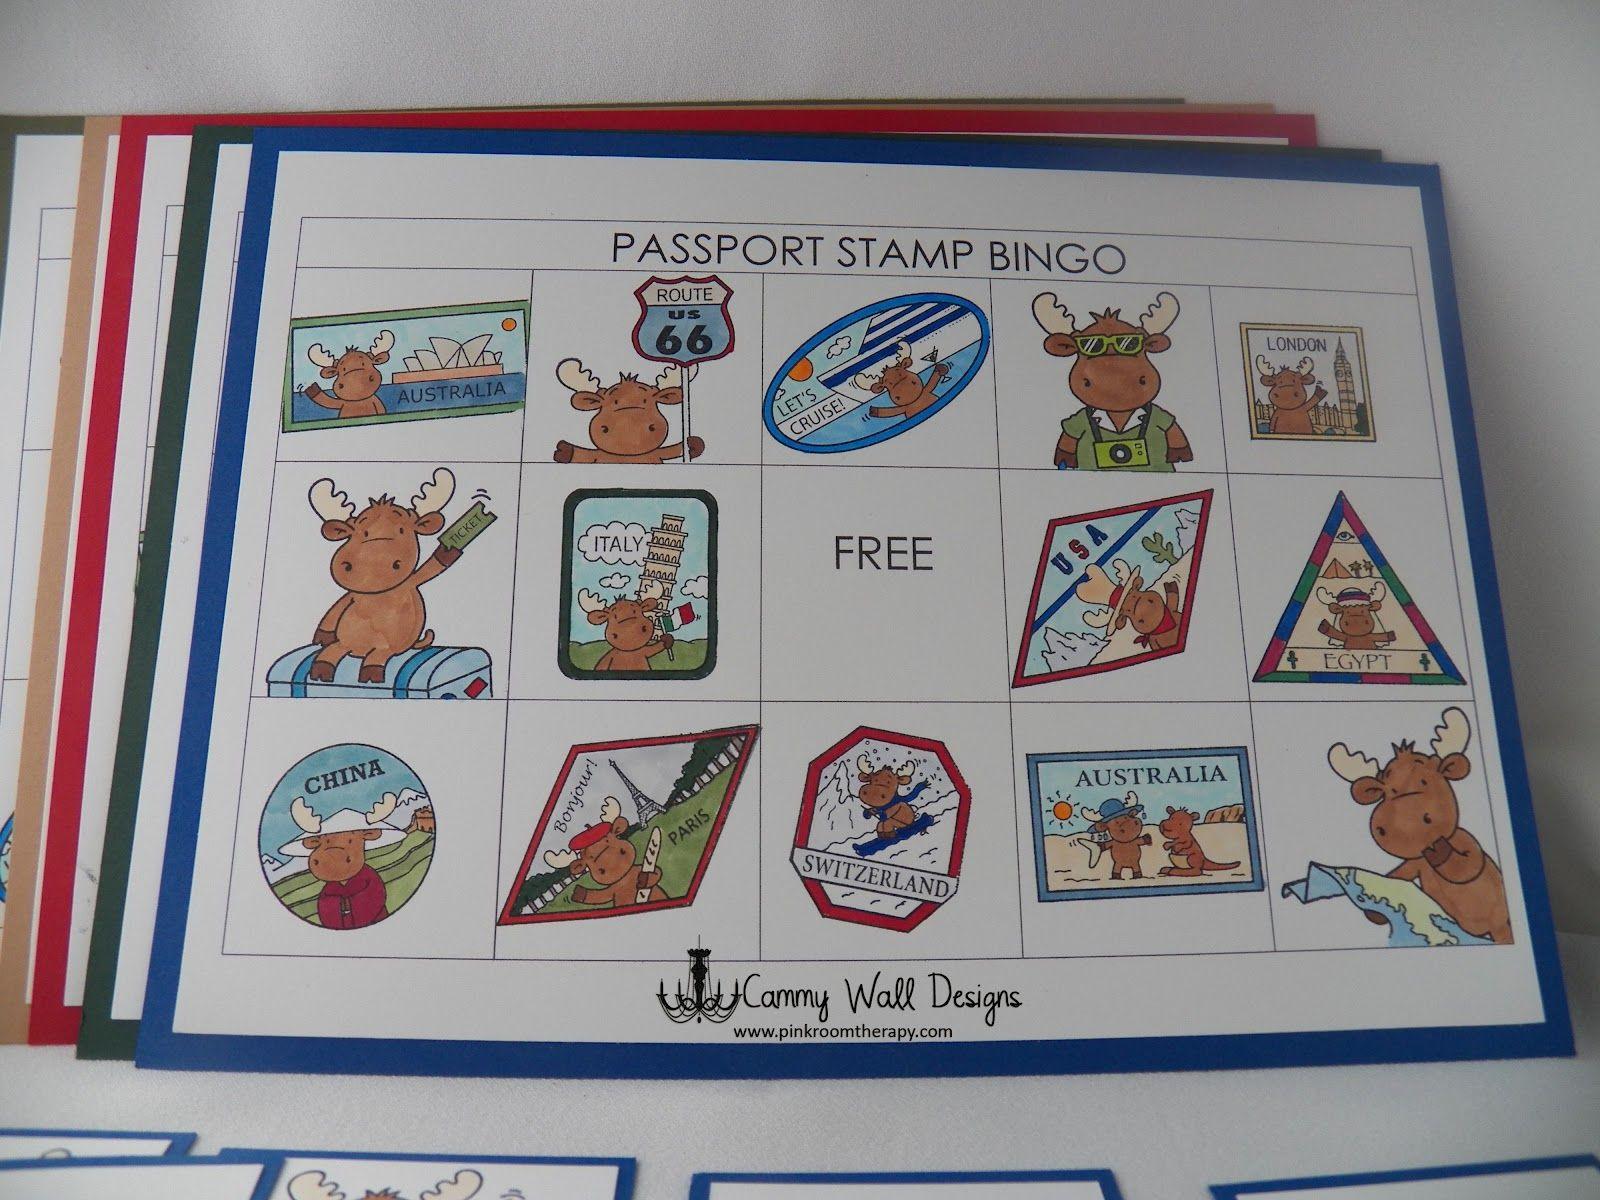 Passport Stamp Bingo